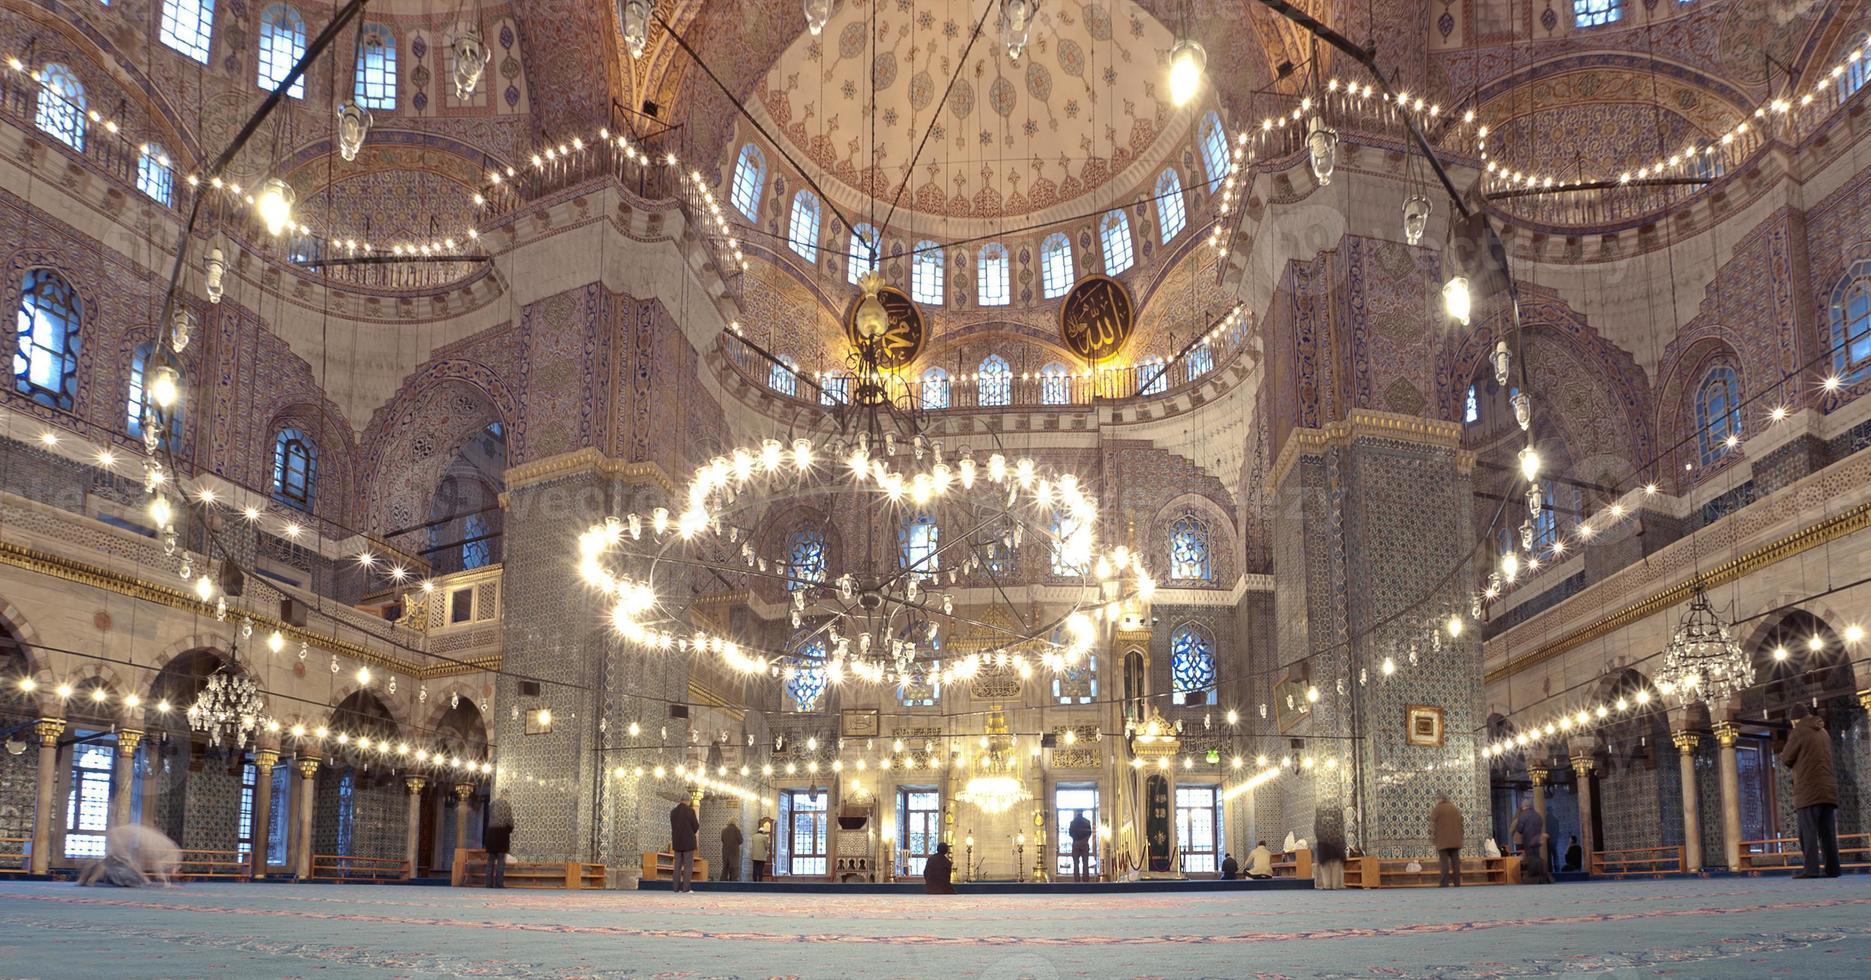 grande moschea e musulmani che pregano. foto